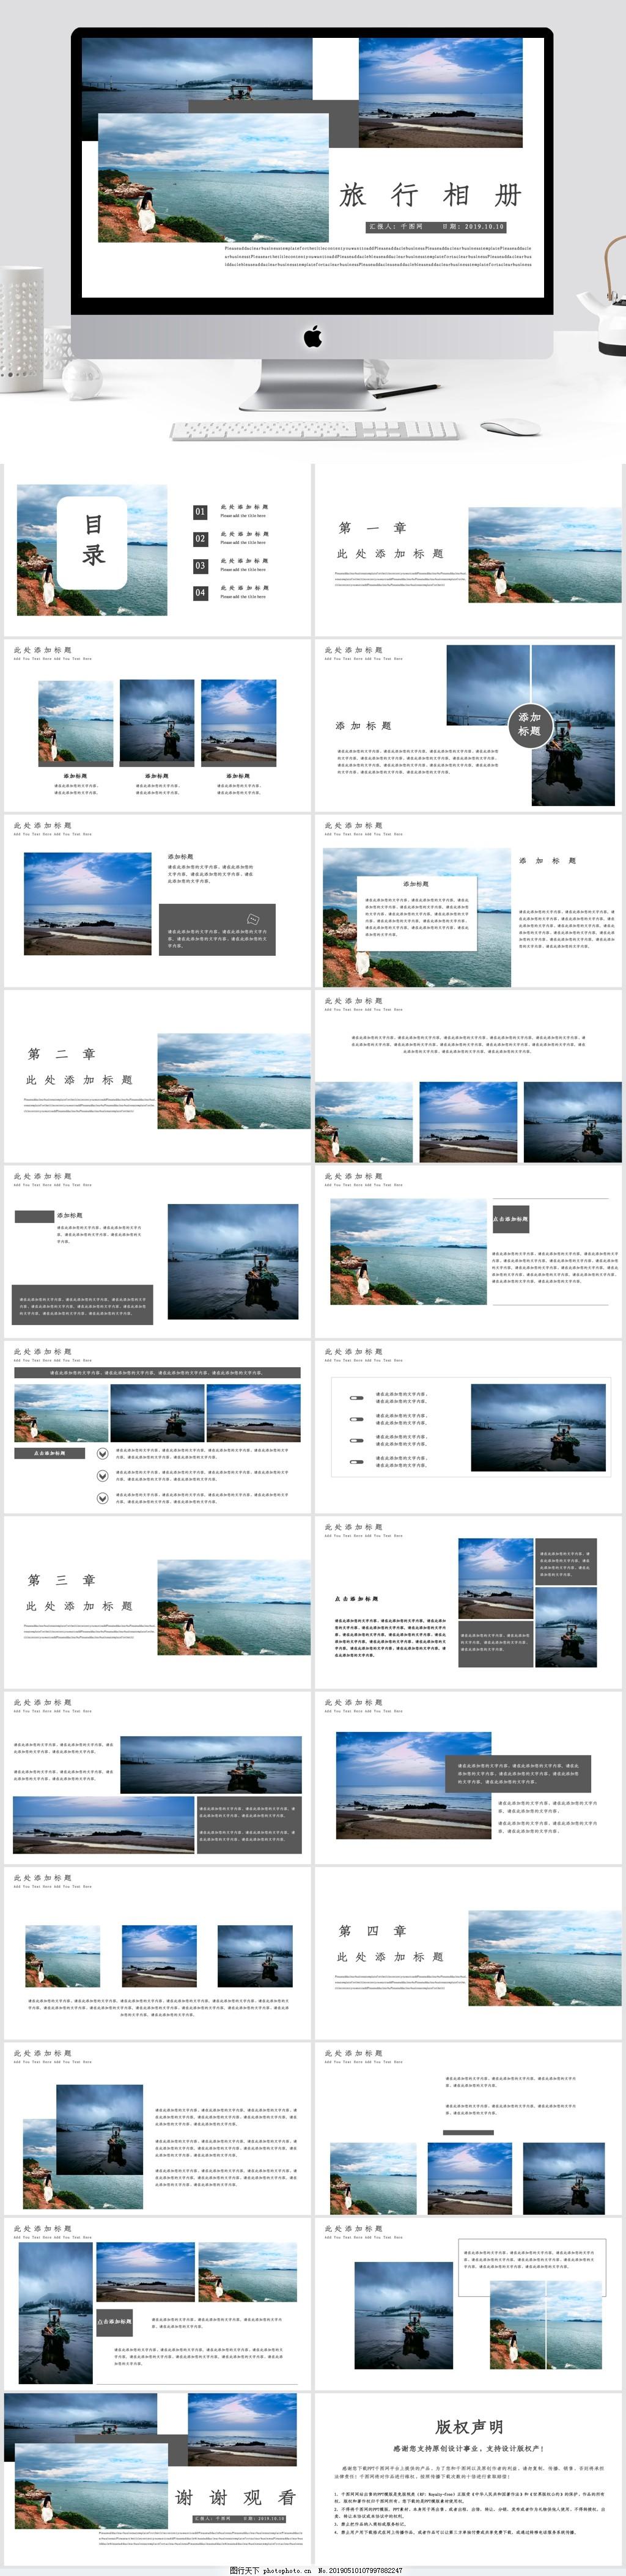 小清新图文旅行相册PPT模板,旅游宣传,宣传PPT,图文相册